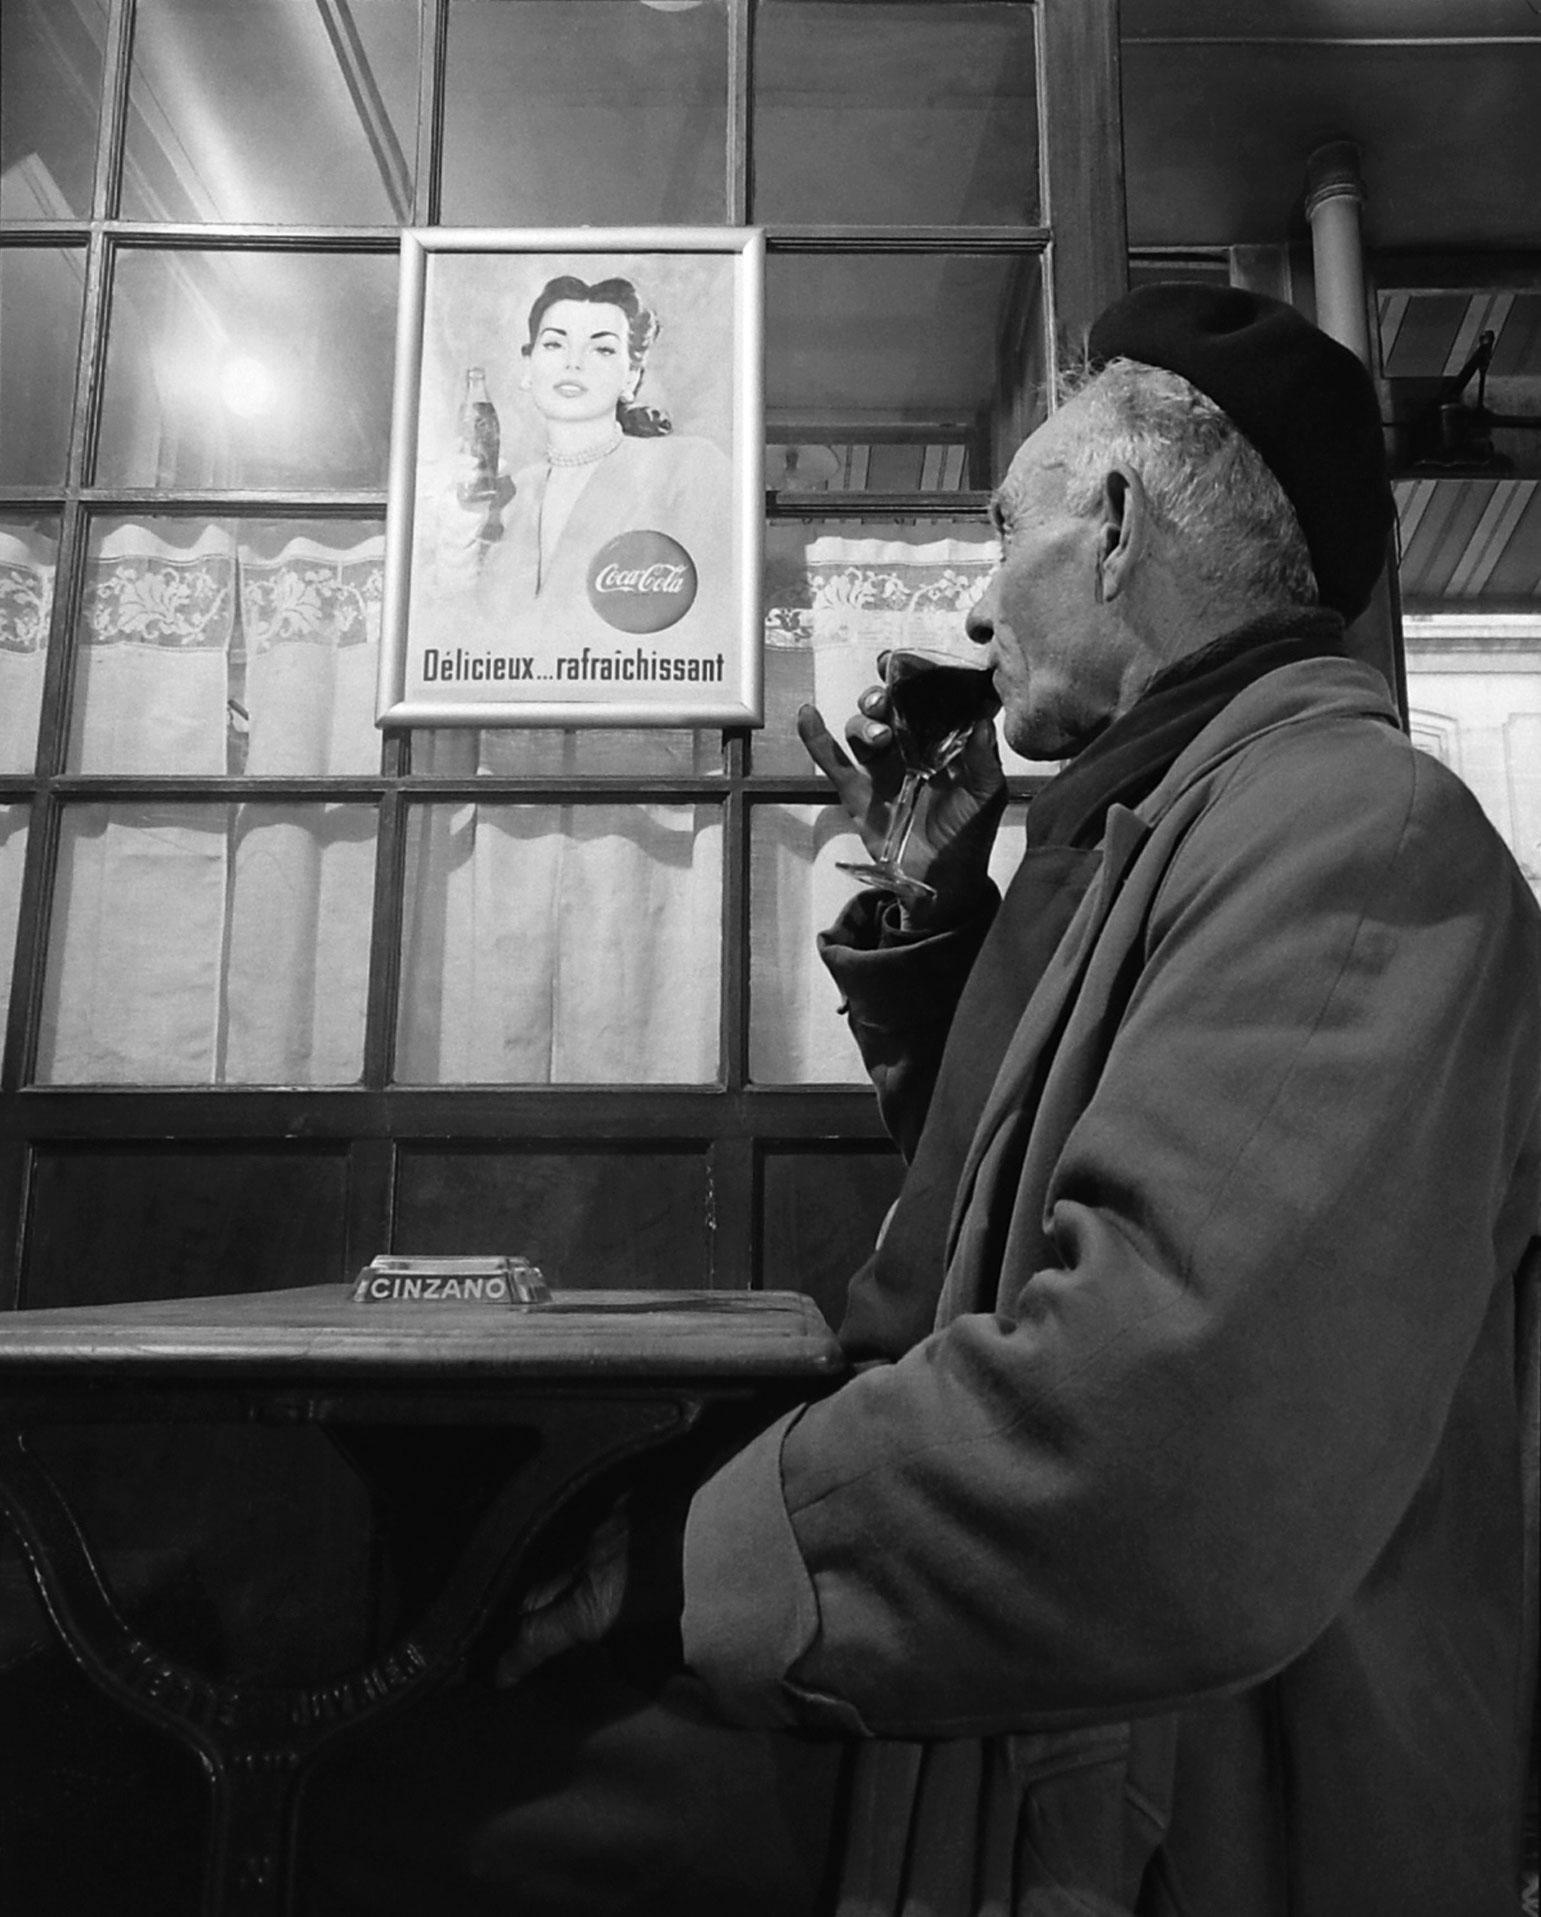 A Frenchman considers Coke's allure in 1950.